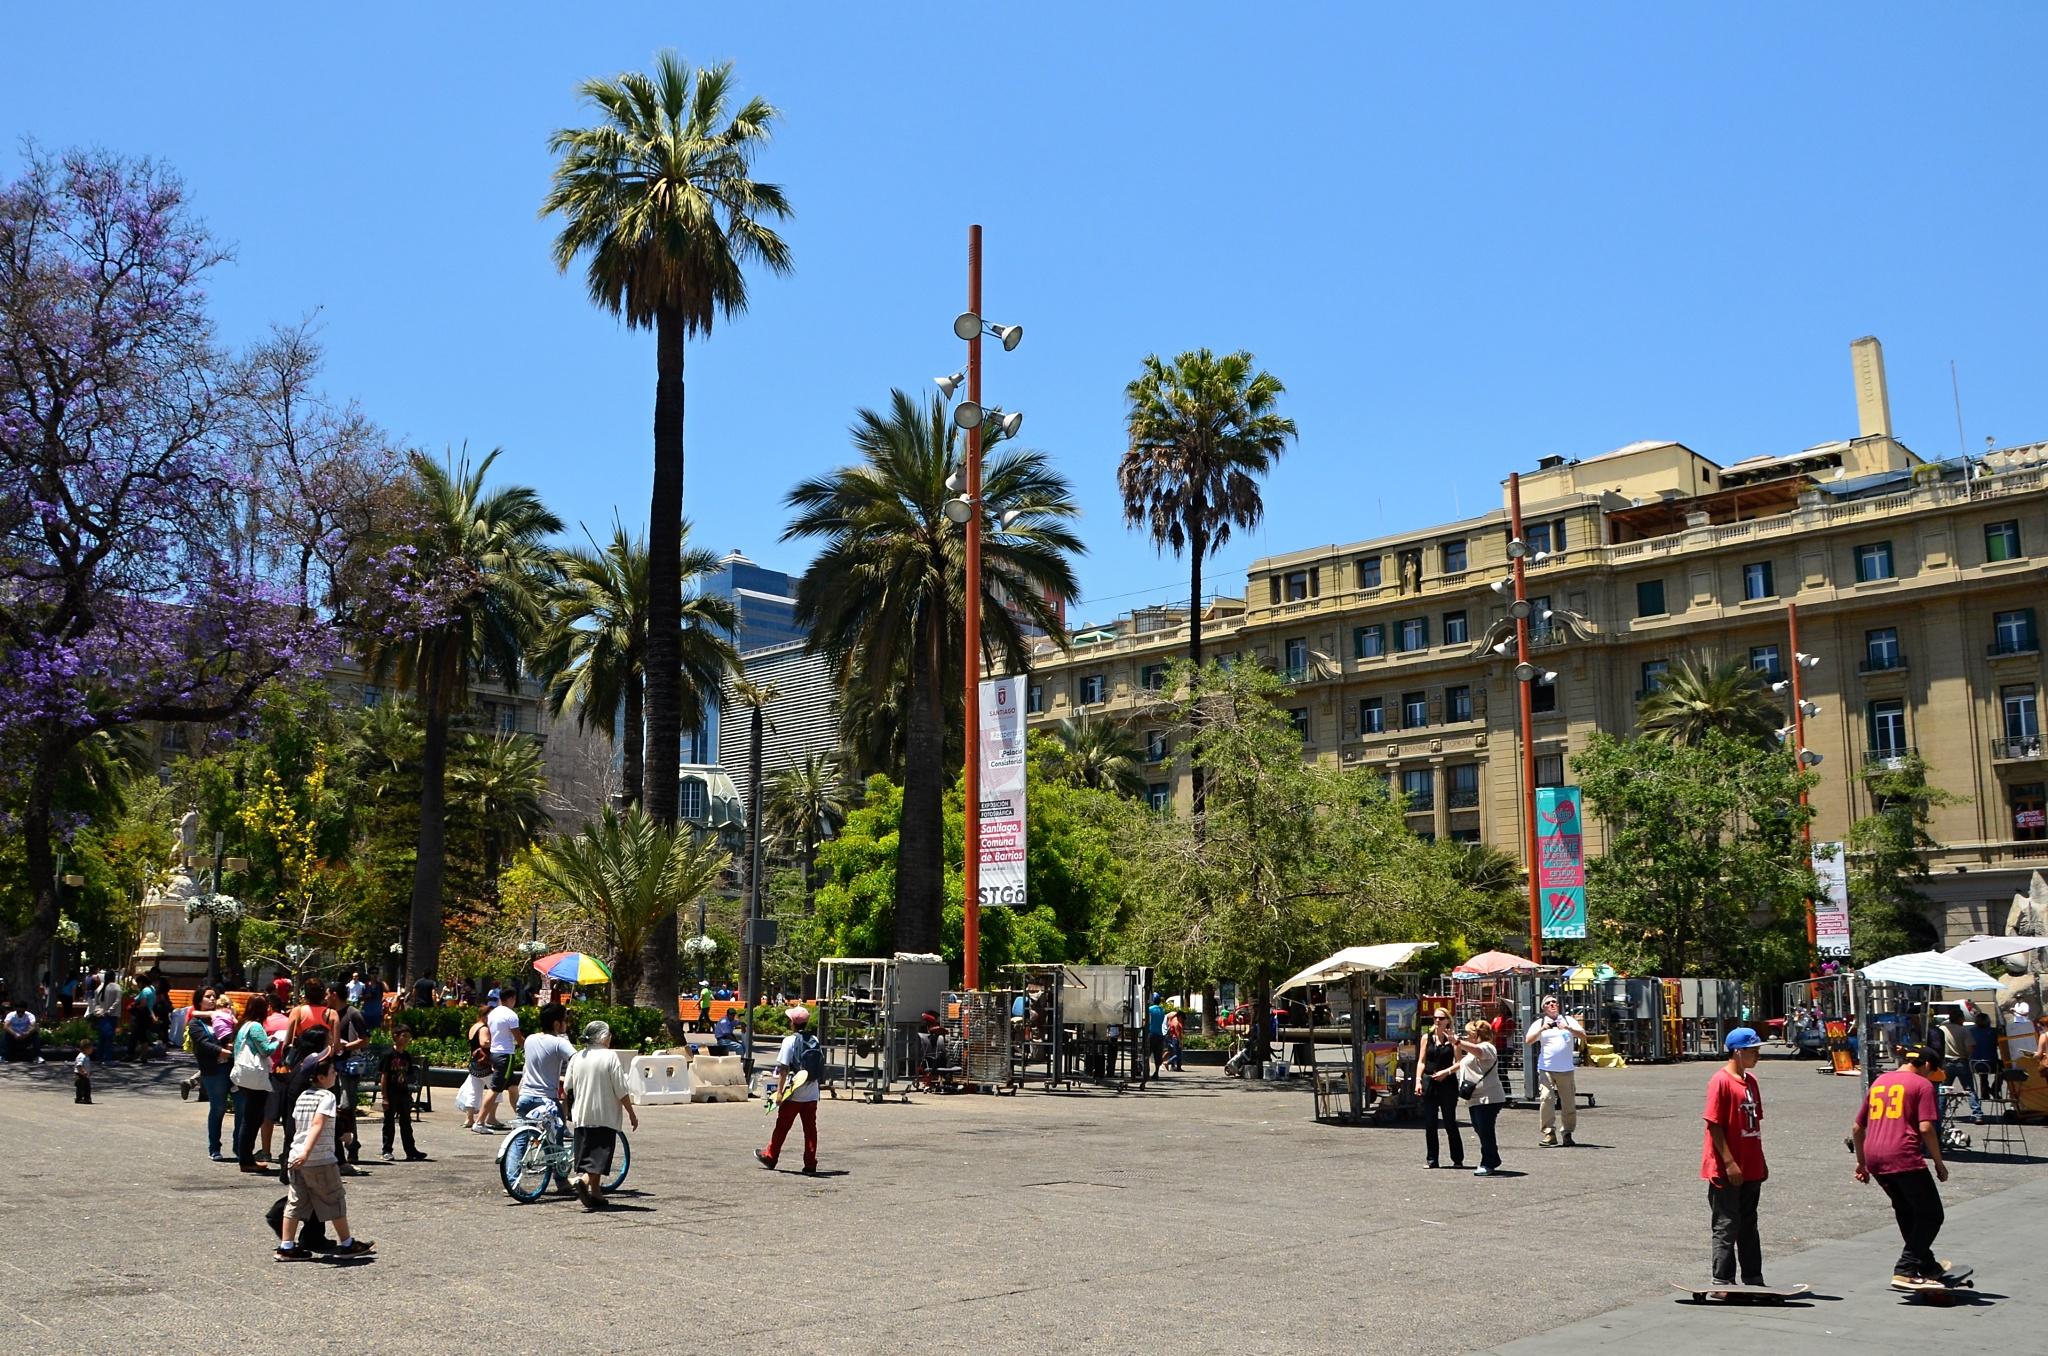 Náměstí Plaza de Armas